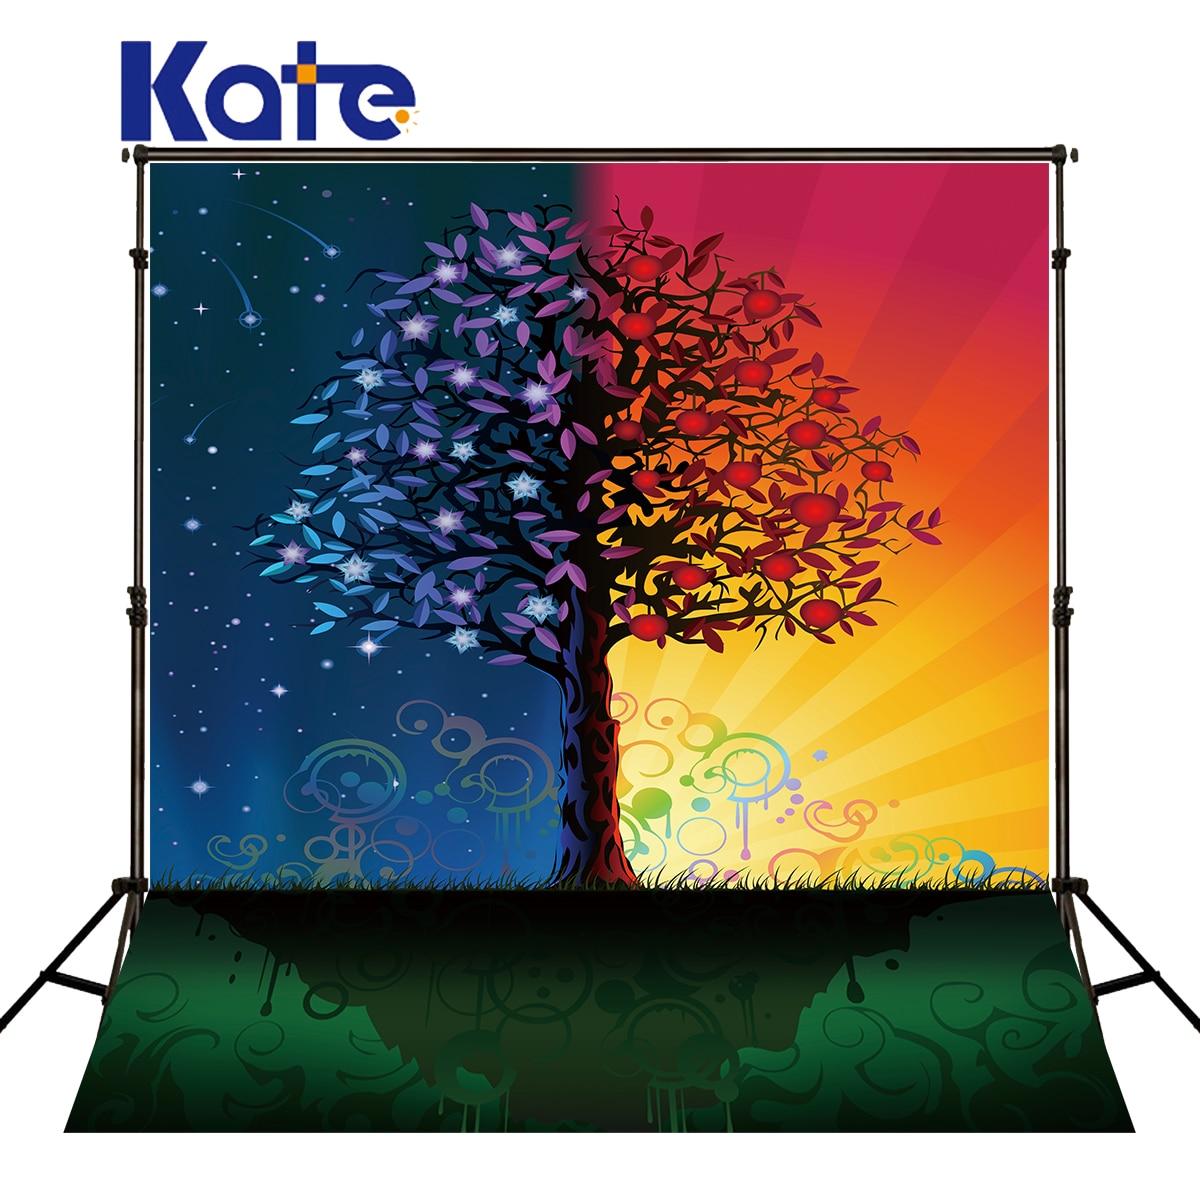 KATE couleur arbre fond photographie étoile ciel météore musique symbole pour enfants fête Photo Studio toile de fond Photocall mariage